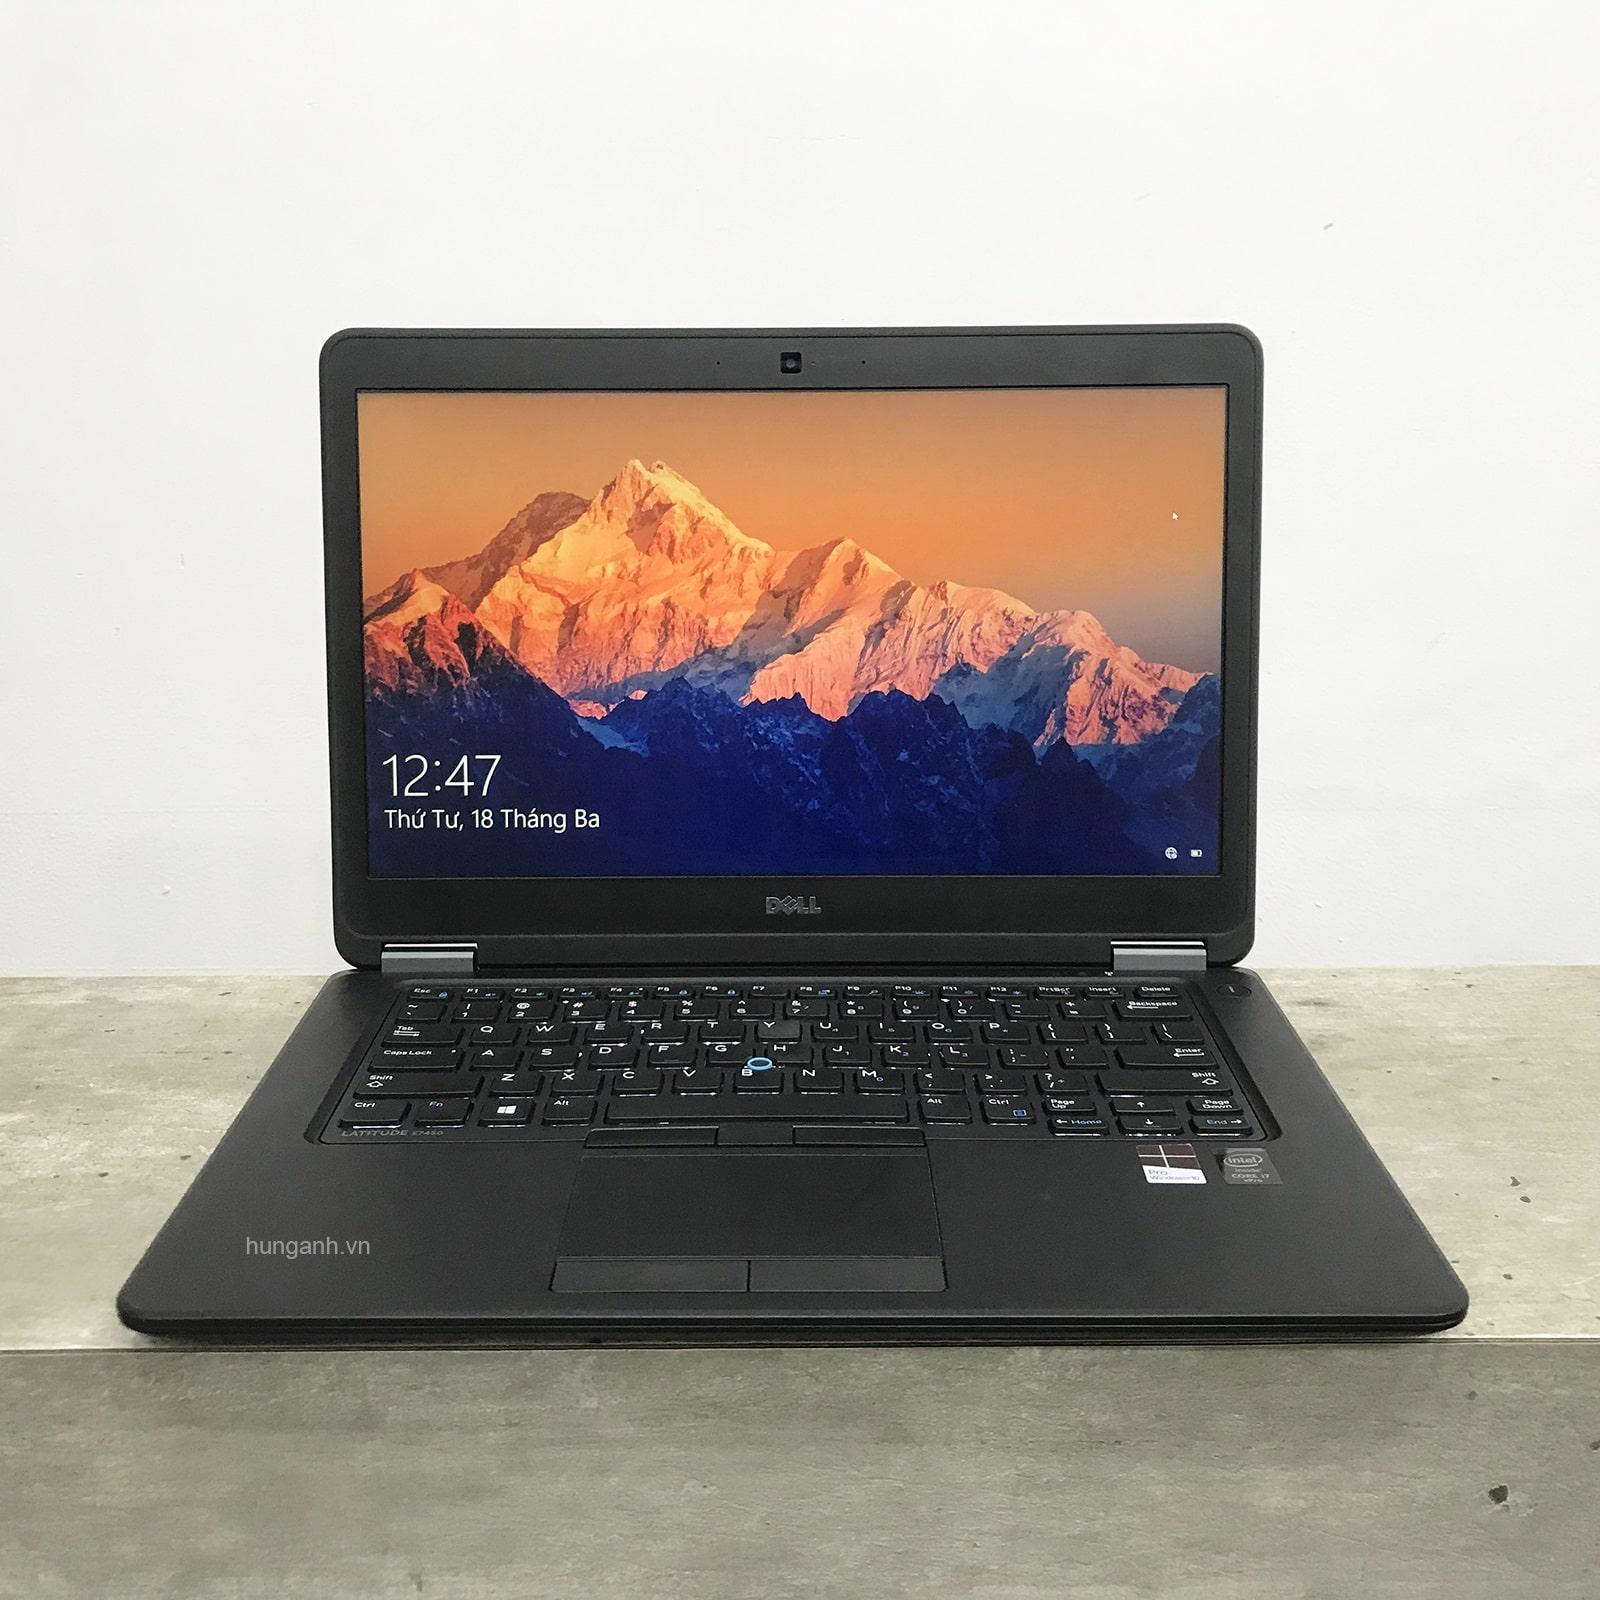 Dell Latitude E7450 Core i5 5300U/ 8GB/ SSD 256GB/ VGA Onboard/ 14 inch